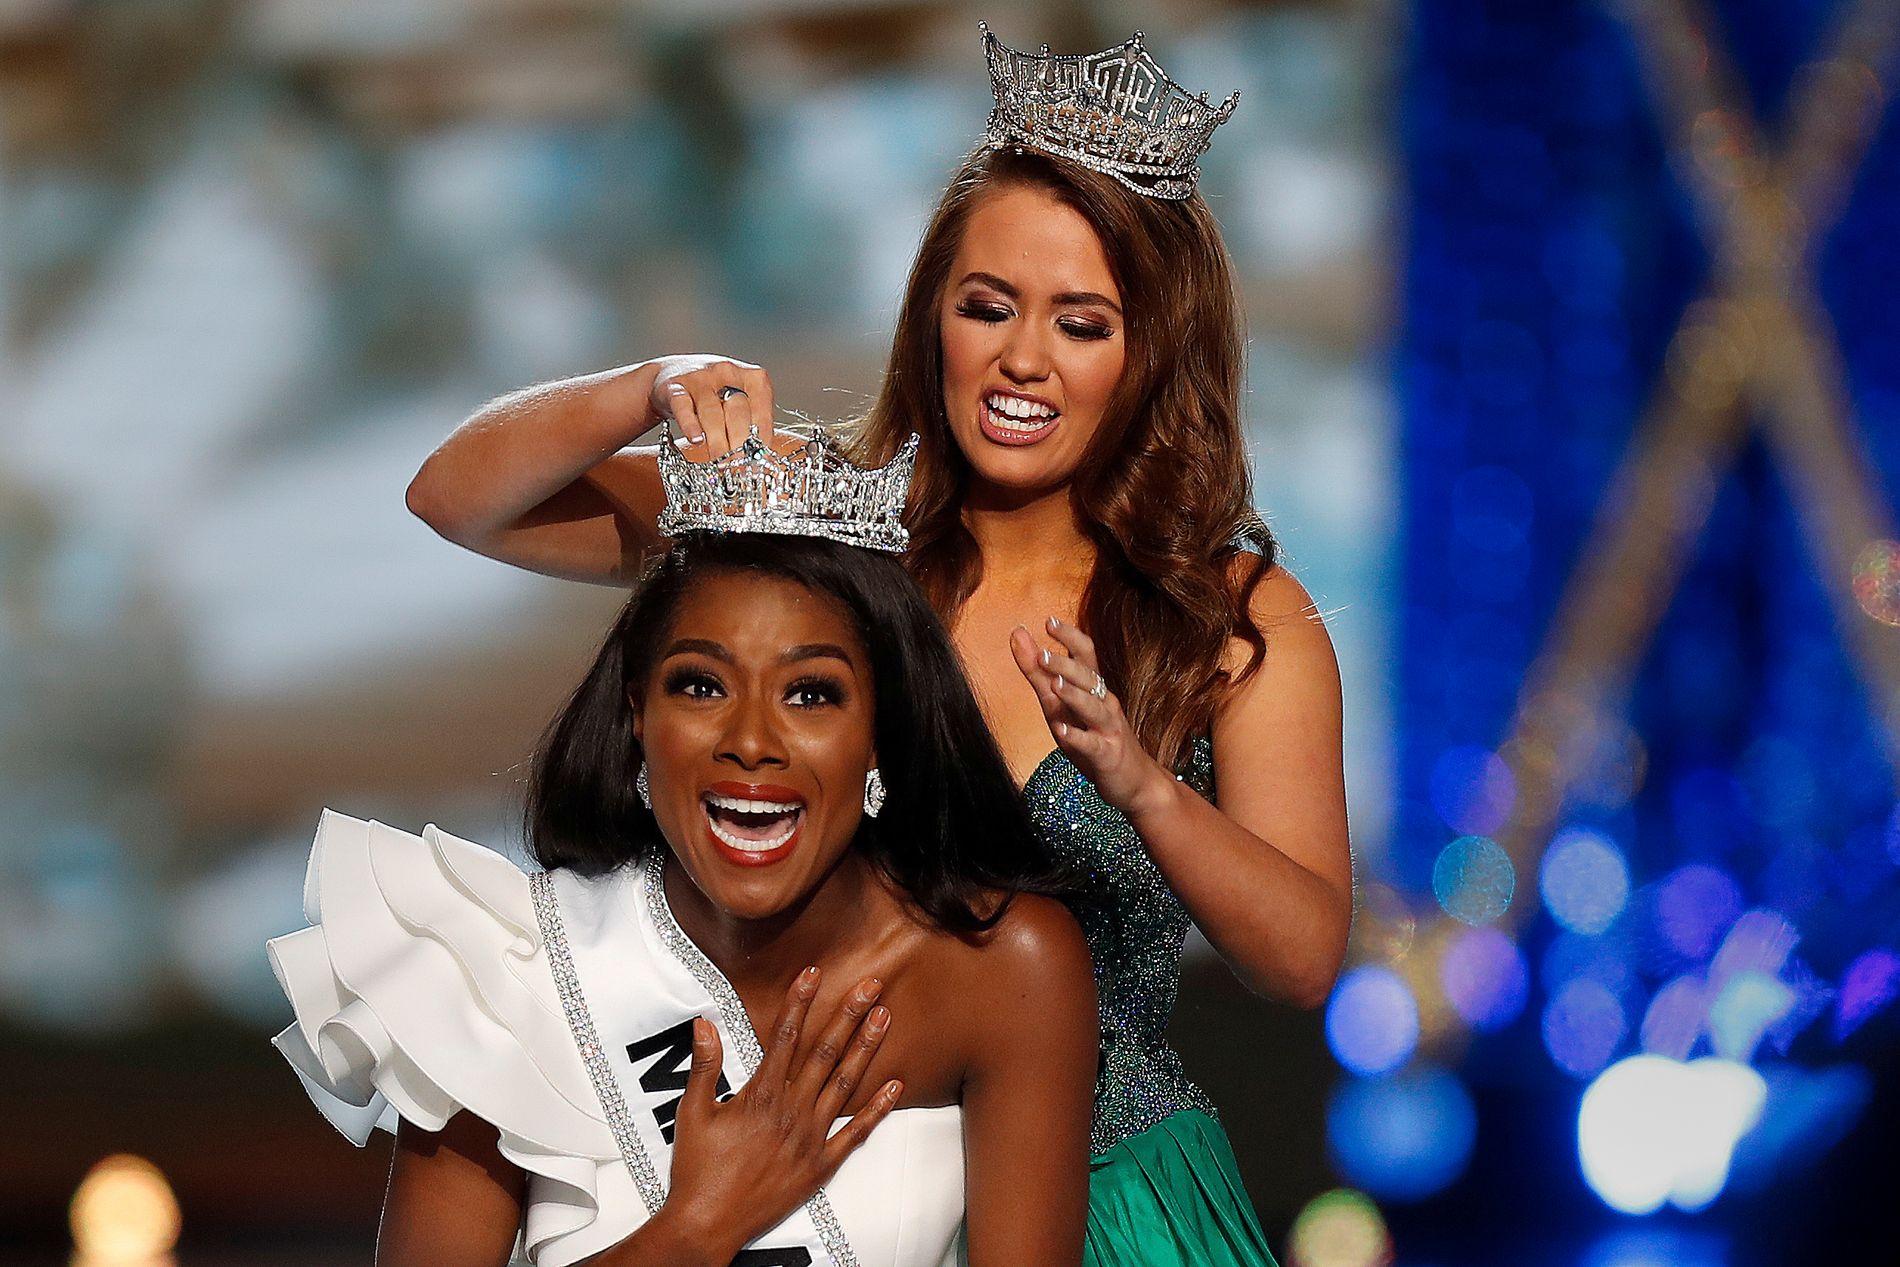 VINNER: Miss New York, Nia Imani Franklin, får kronen fra eks-miss Cara Mund.